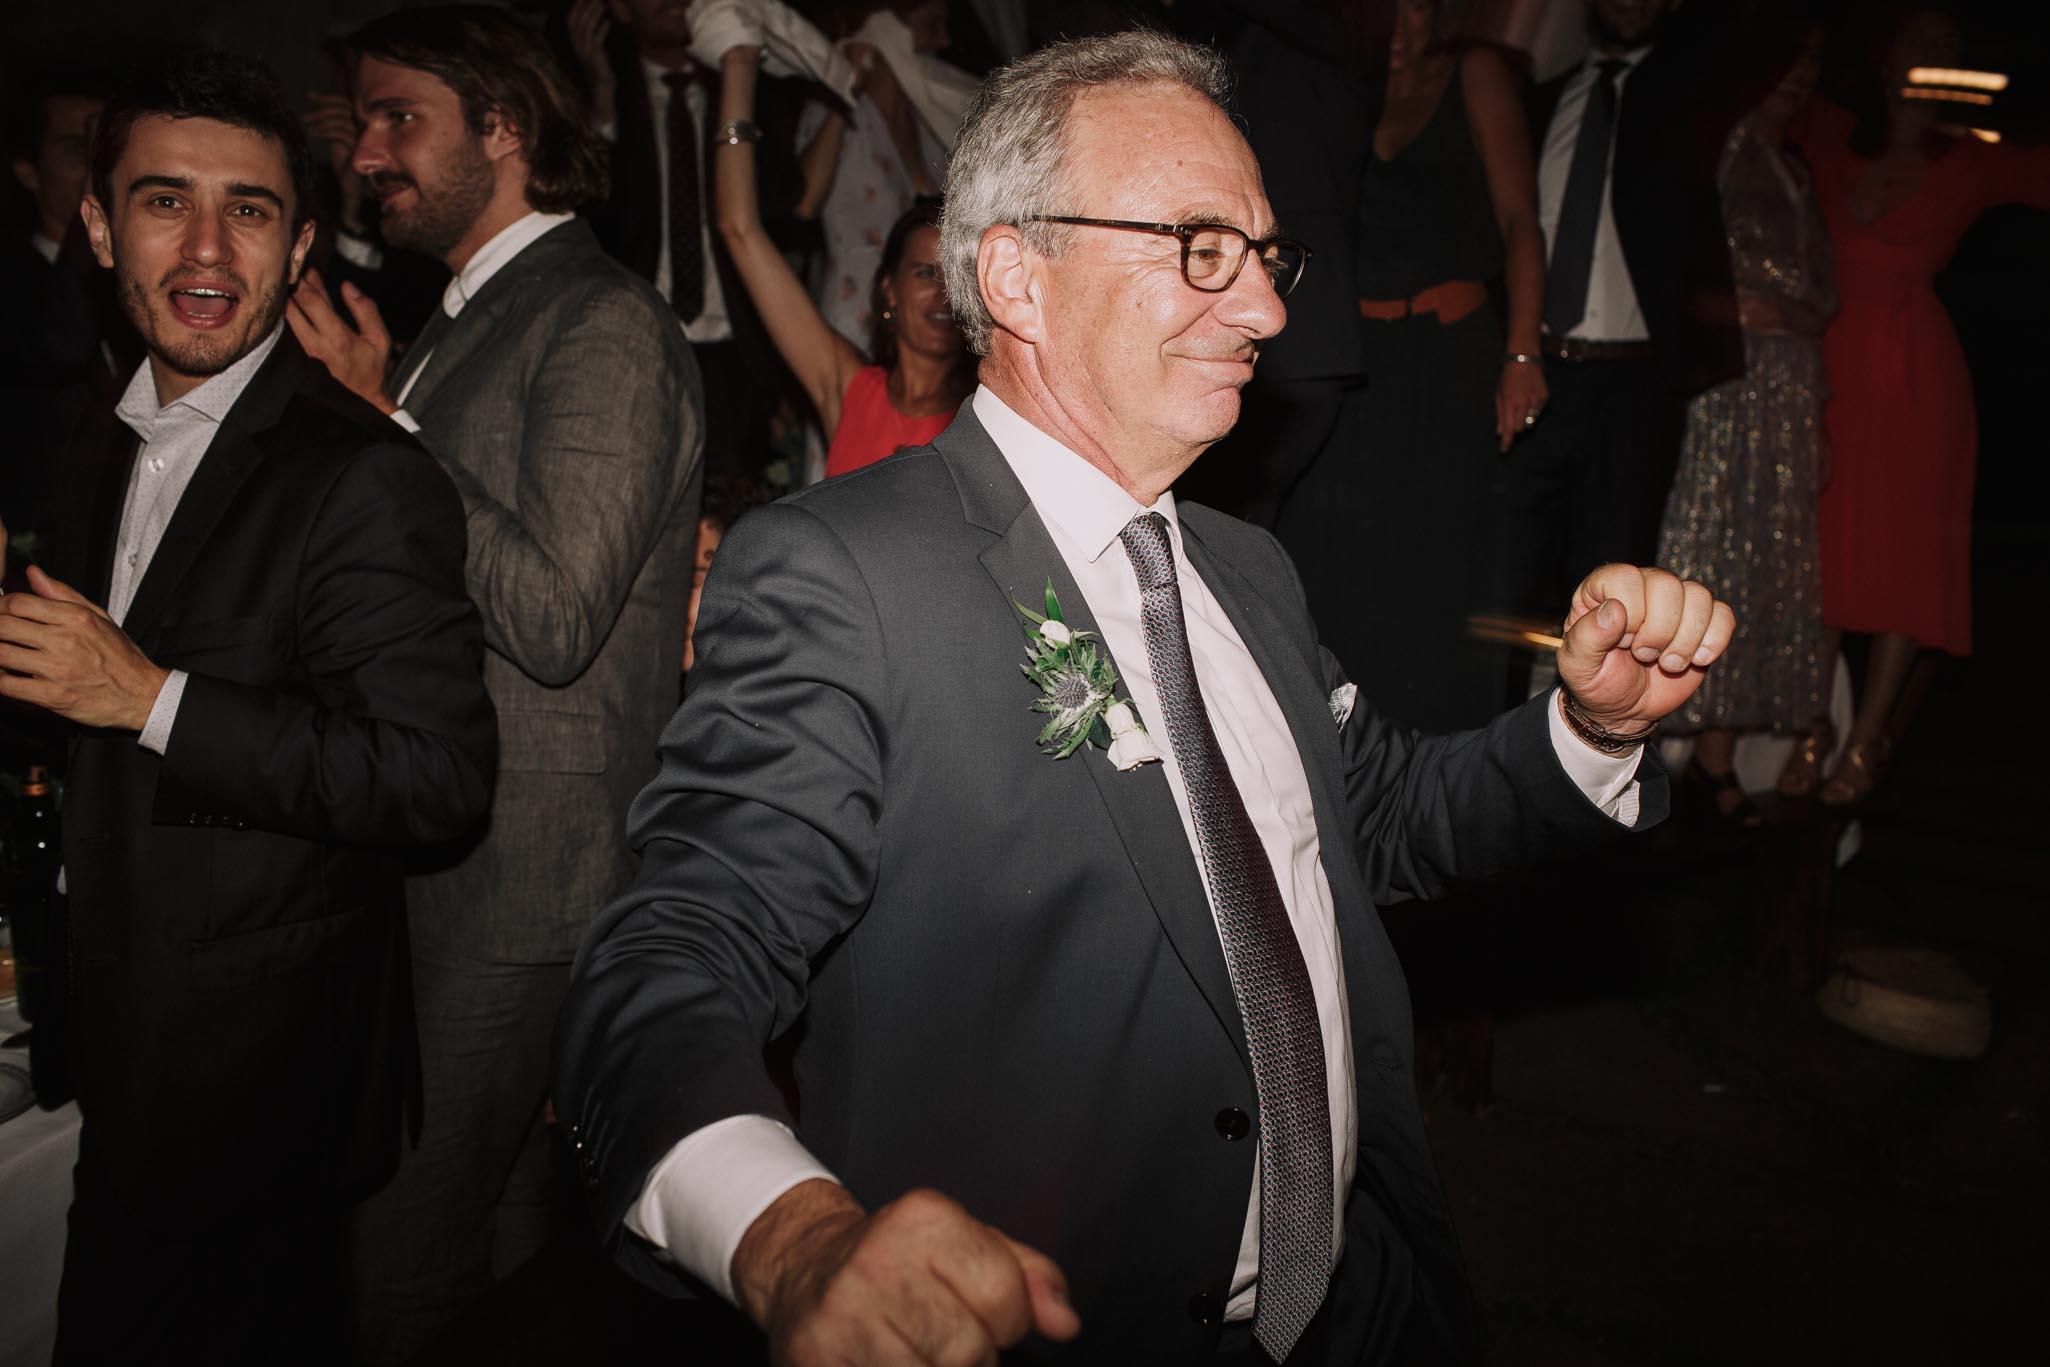 Photographe-mariage-bordeaux-jeremy-boyer-pays-basque-ihartze-artea-sare-robe-eleonore-pauc-couple-amour-180.jpg